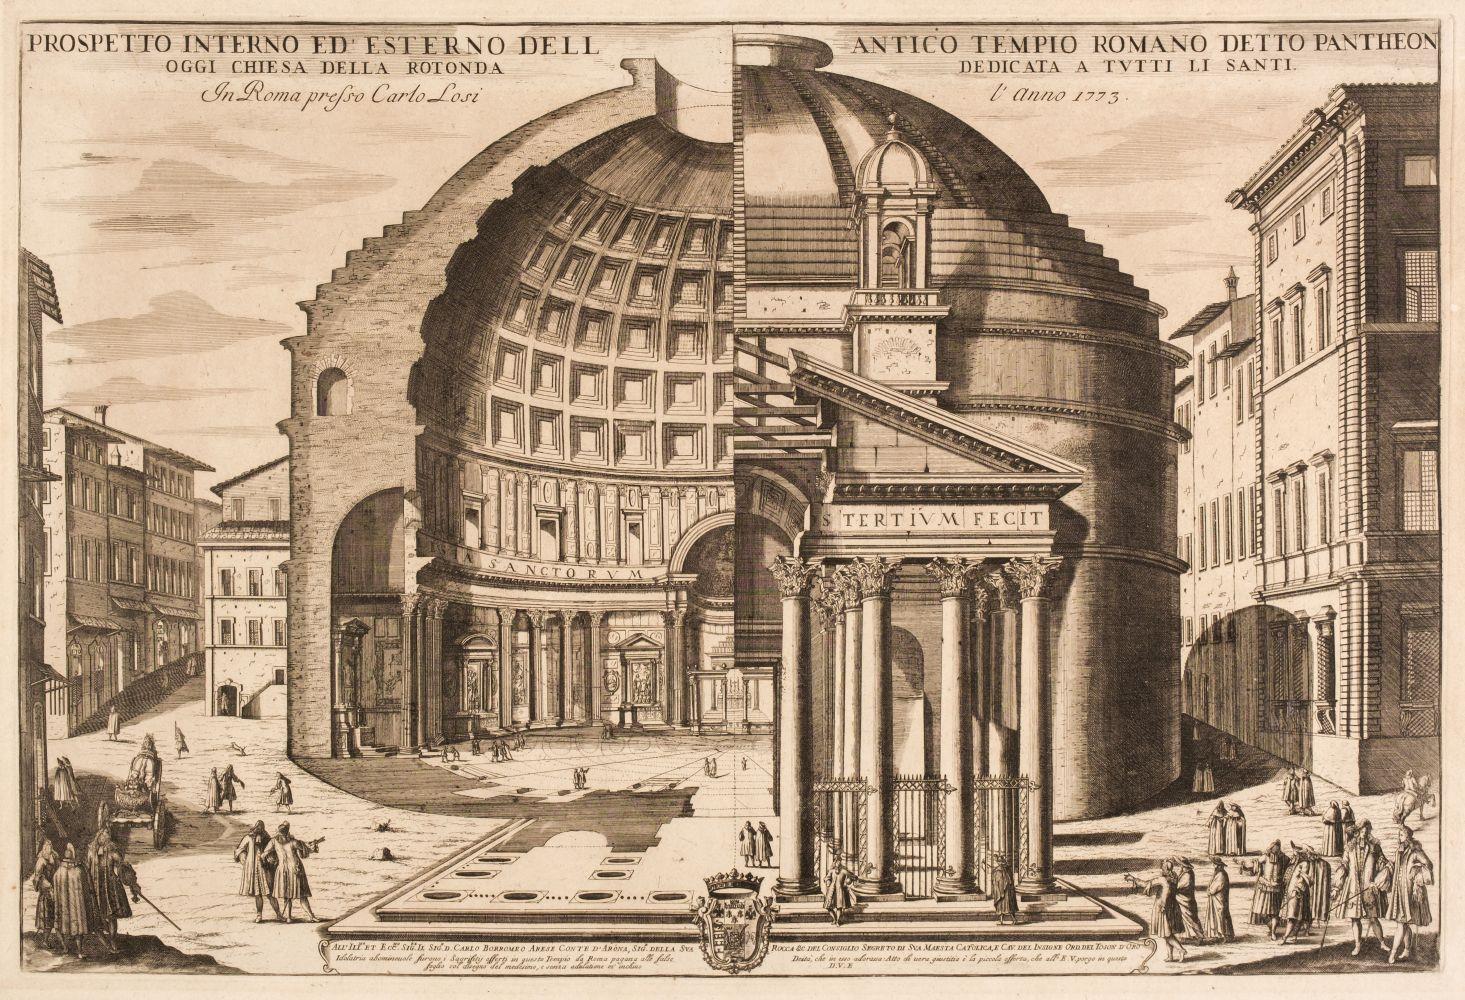 * Girelli (Pietro Paolo, circa 1685-circa 1750). Two etchings, 1773